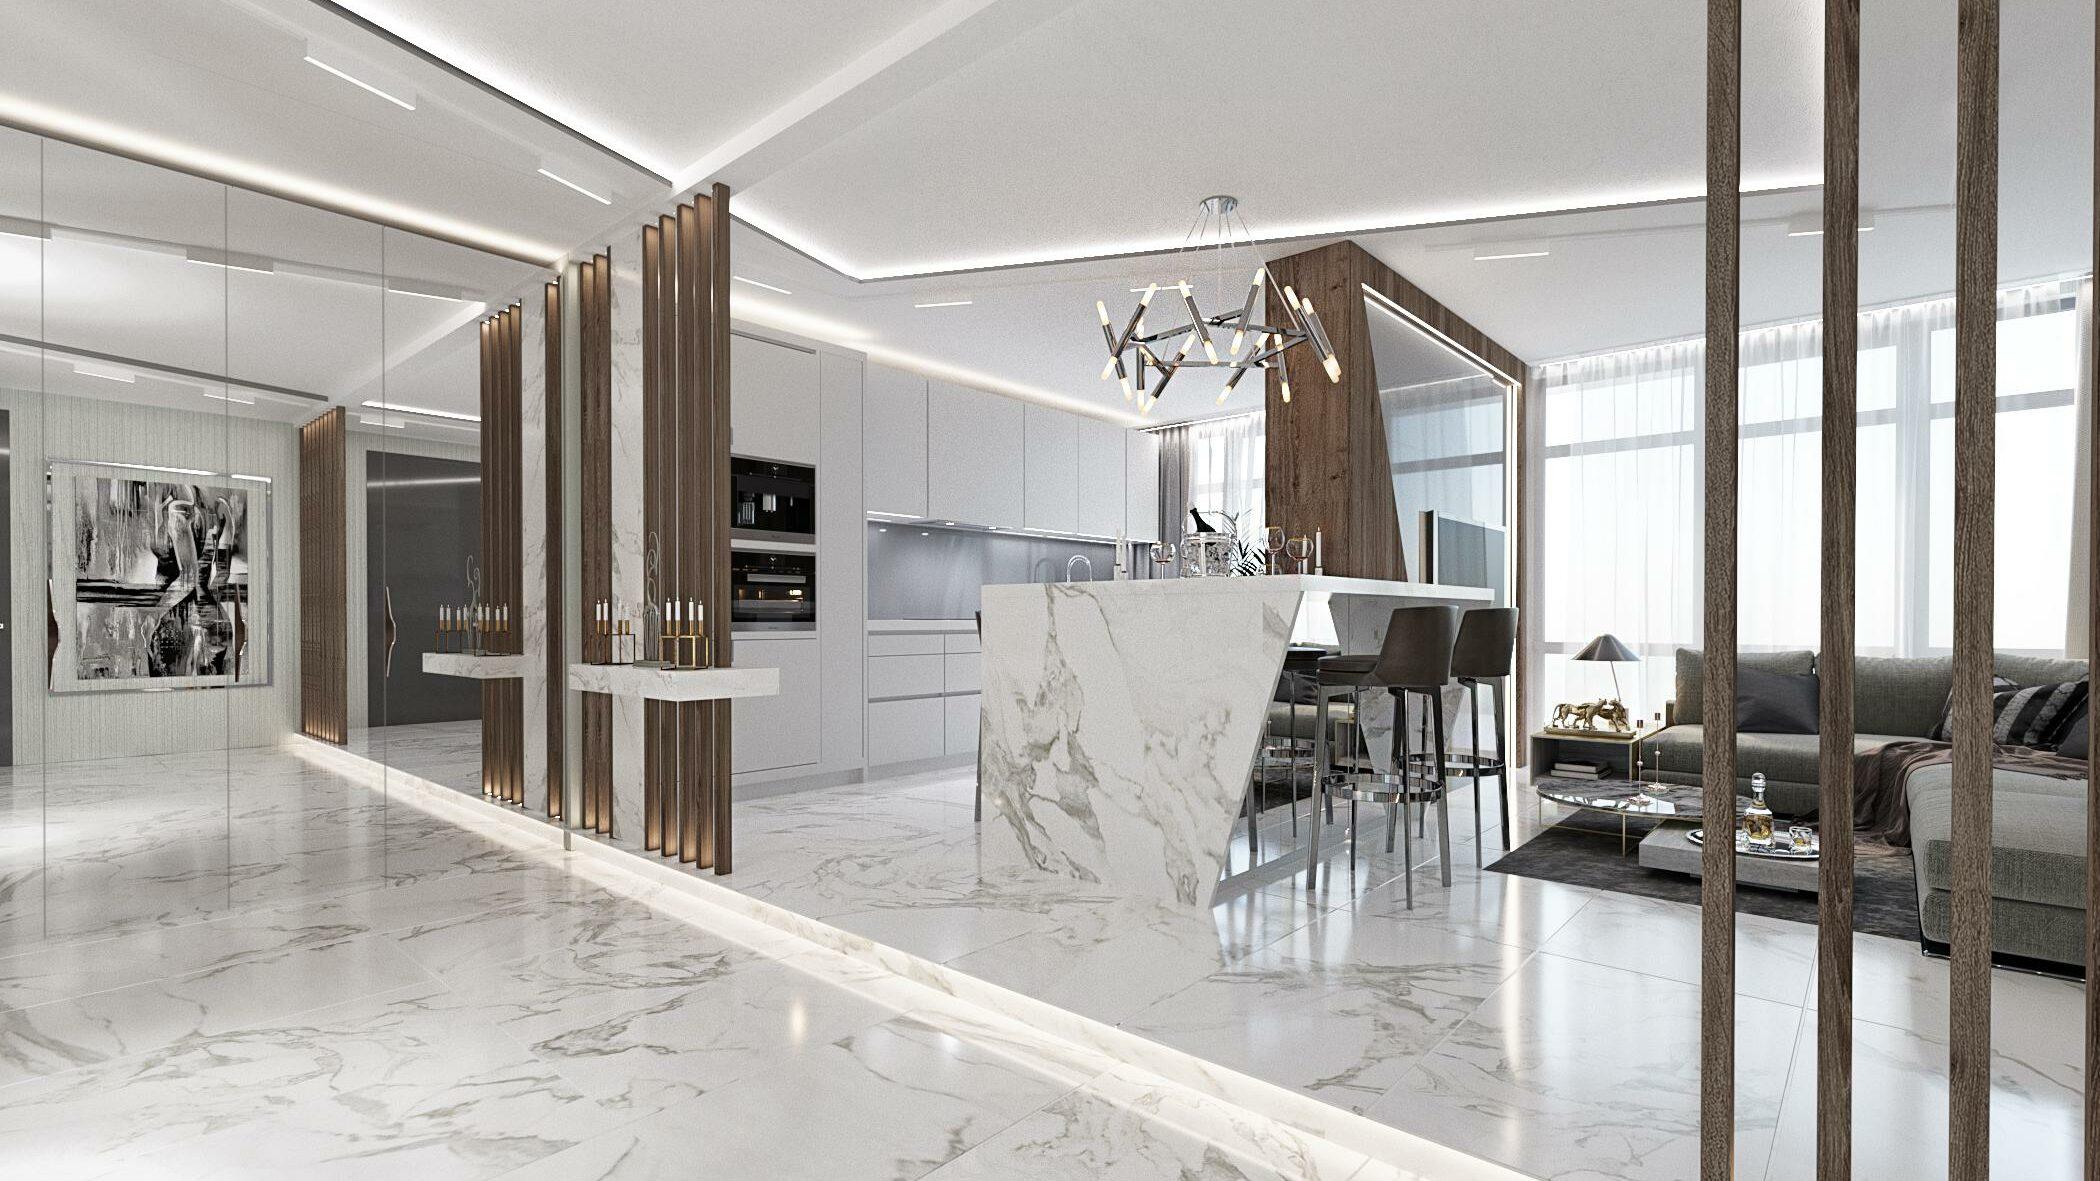 Оптимальная стоимость на услугу дизайн квартир в компании stroyhouse.od.ua